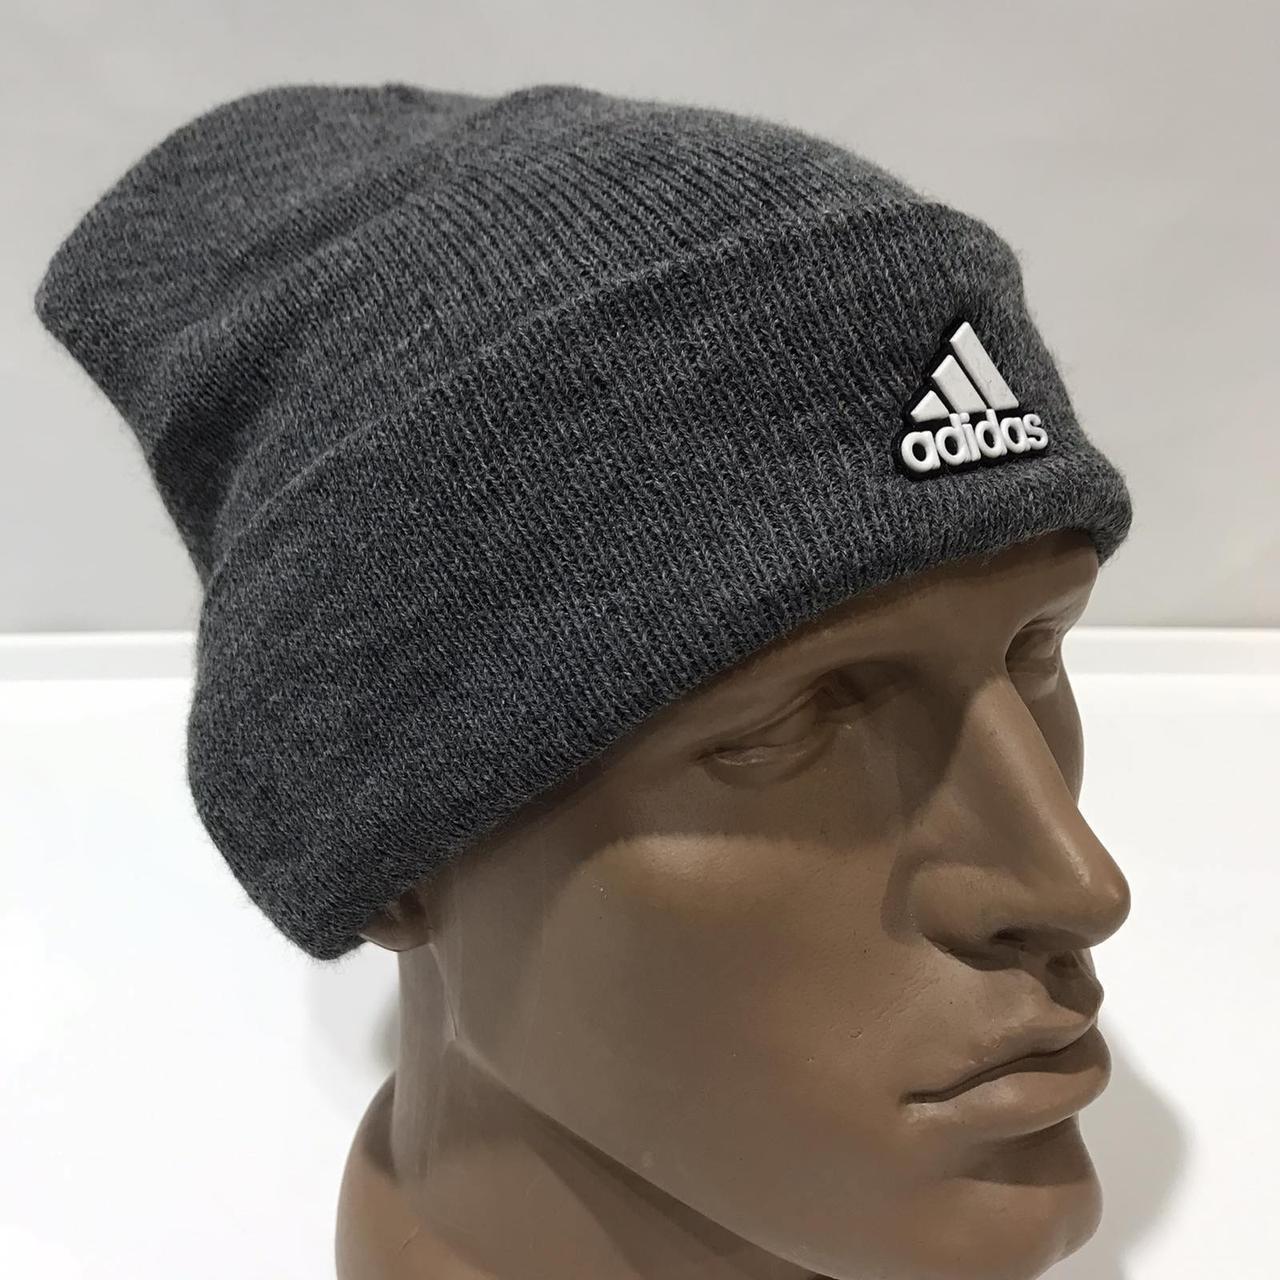 Мужская зимняя шапка с кашемиром темно-серая отличного качества